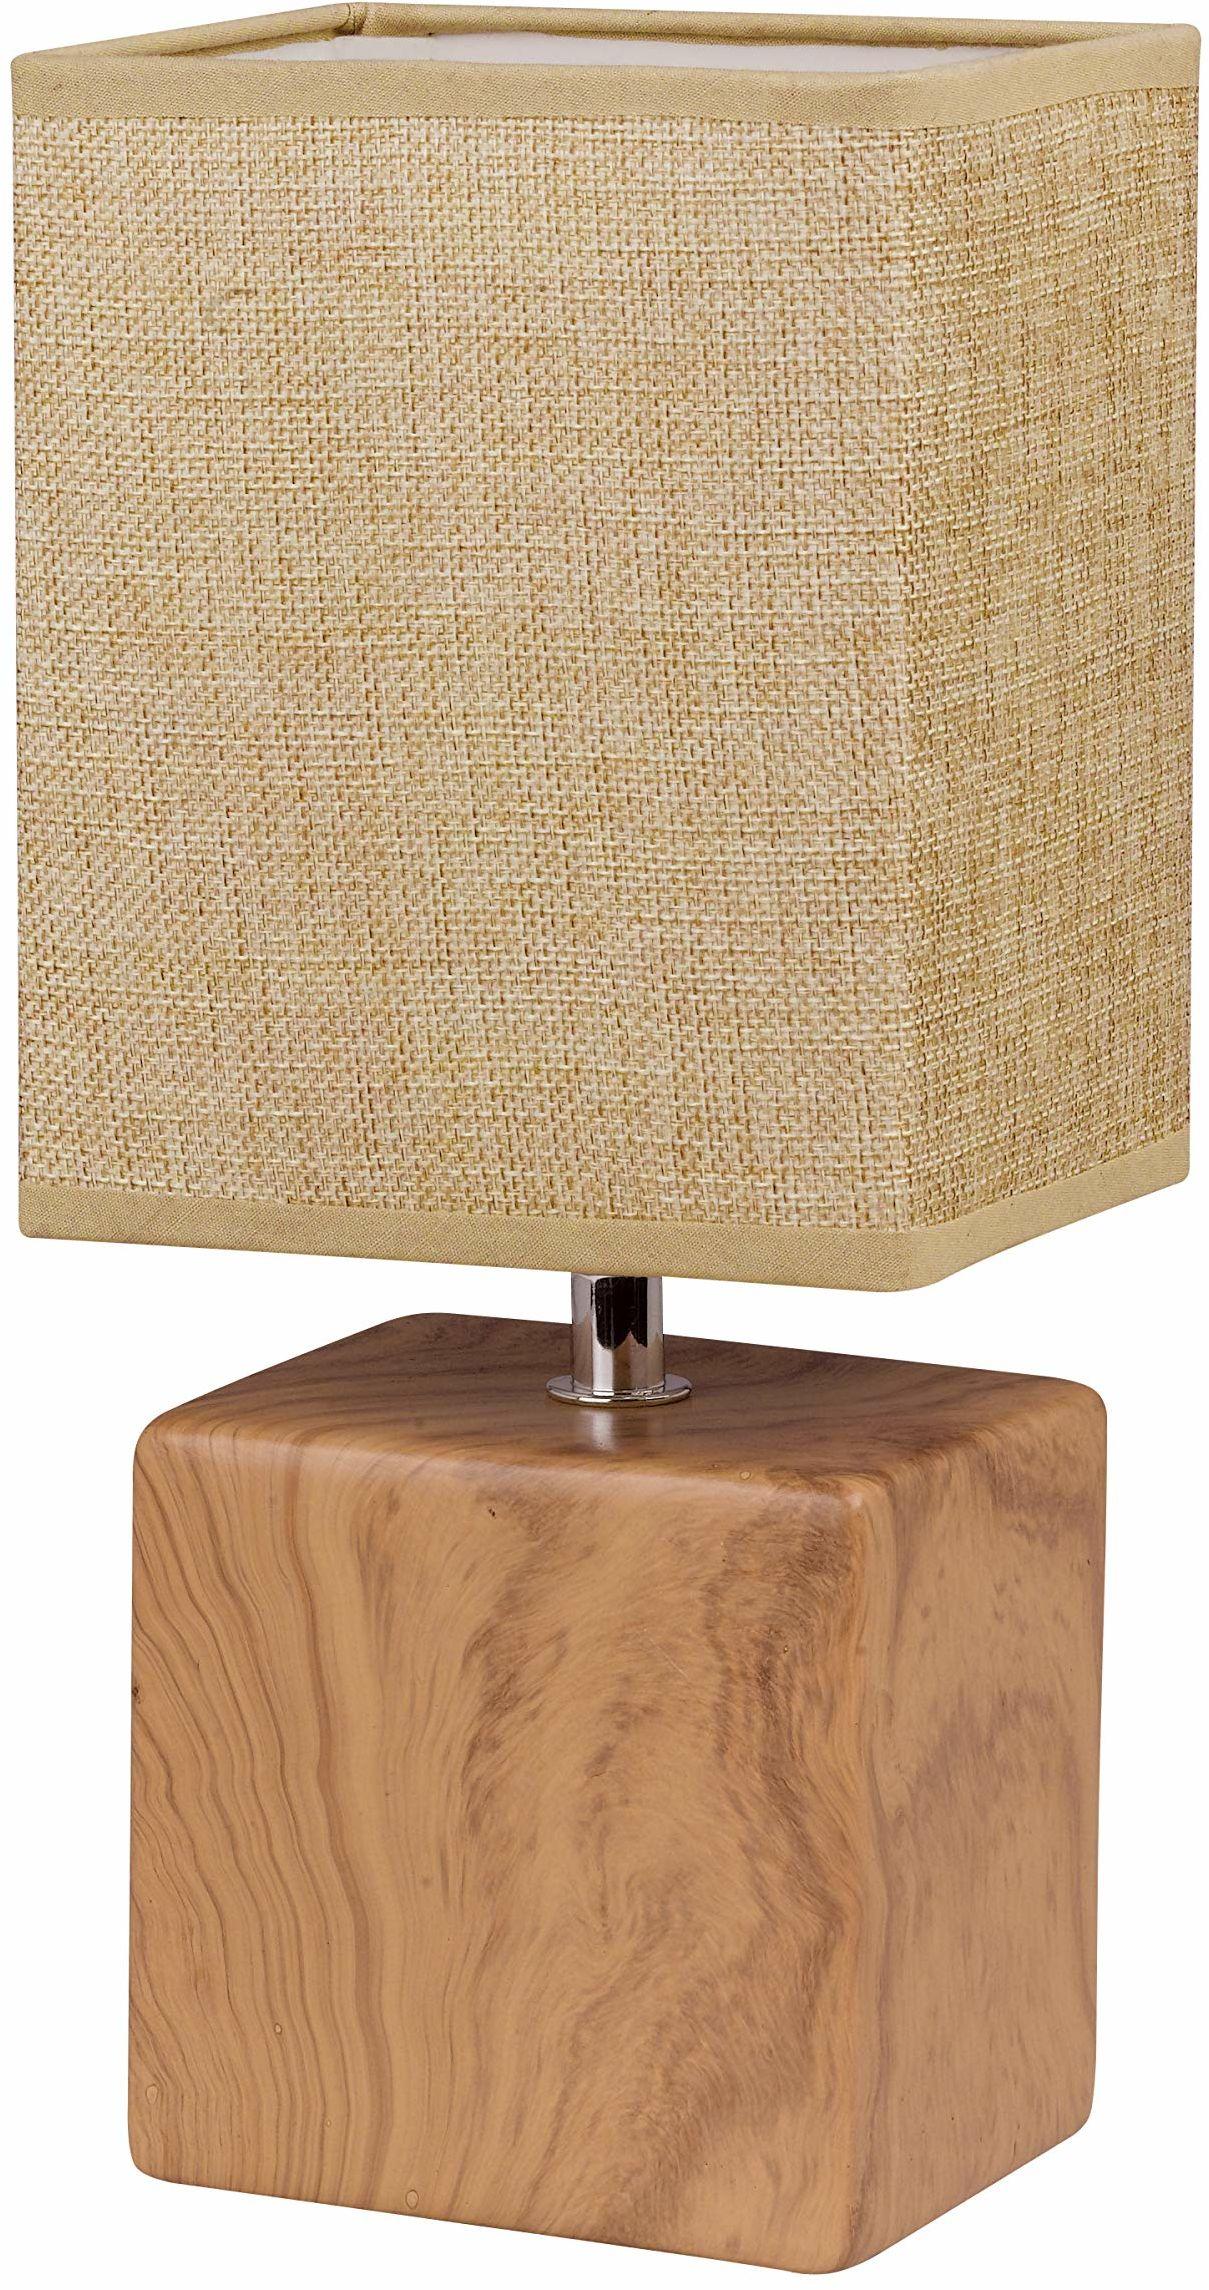 Honsel Leuchten lampa stołowa Log 53561